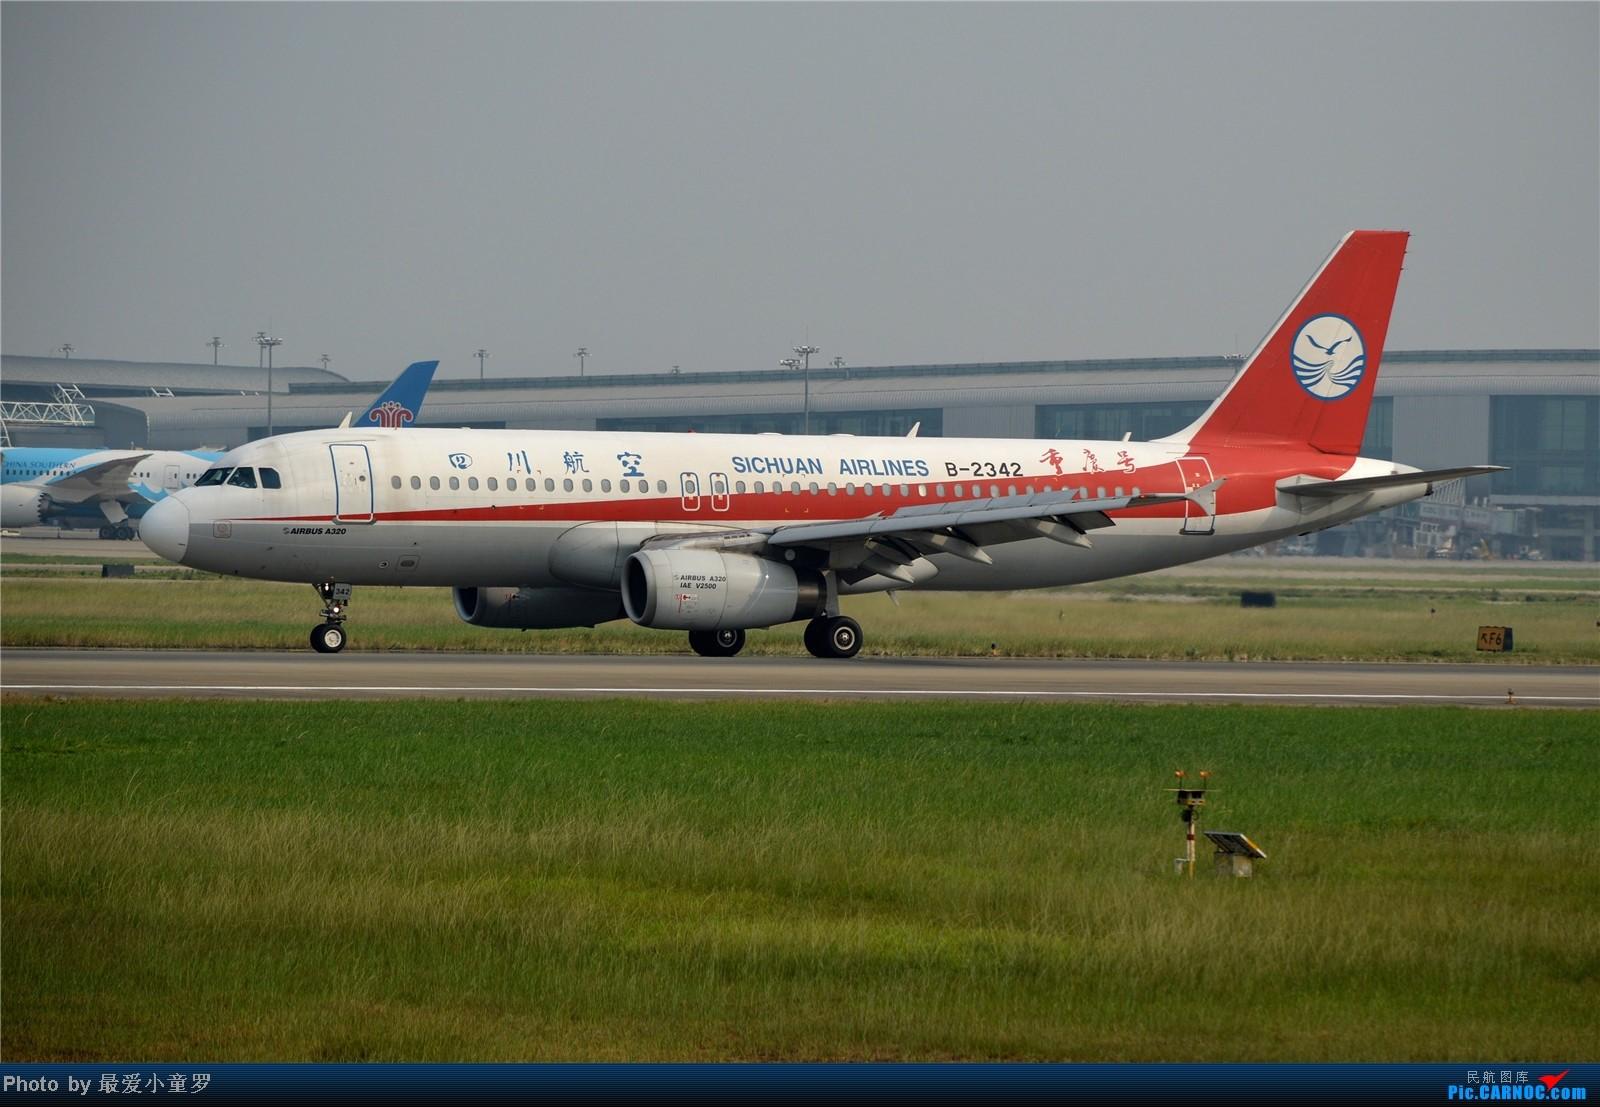 Re:[原创]炒冷饭系列2013年10月4日CAN拍机,带消防塔角度 AIRBUS A320-200 B-2342 中国广州白云机场